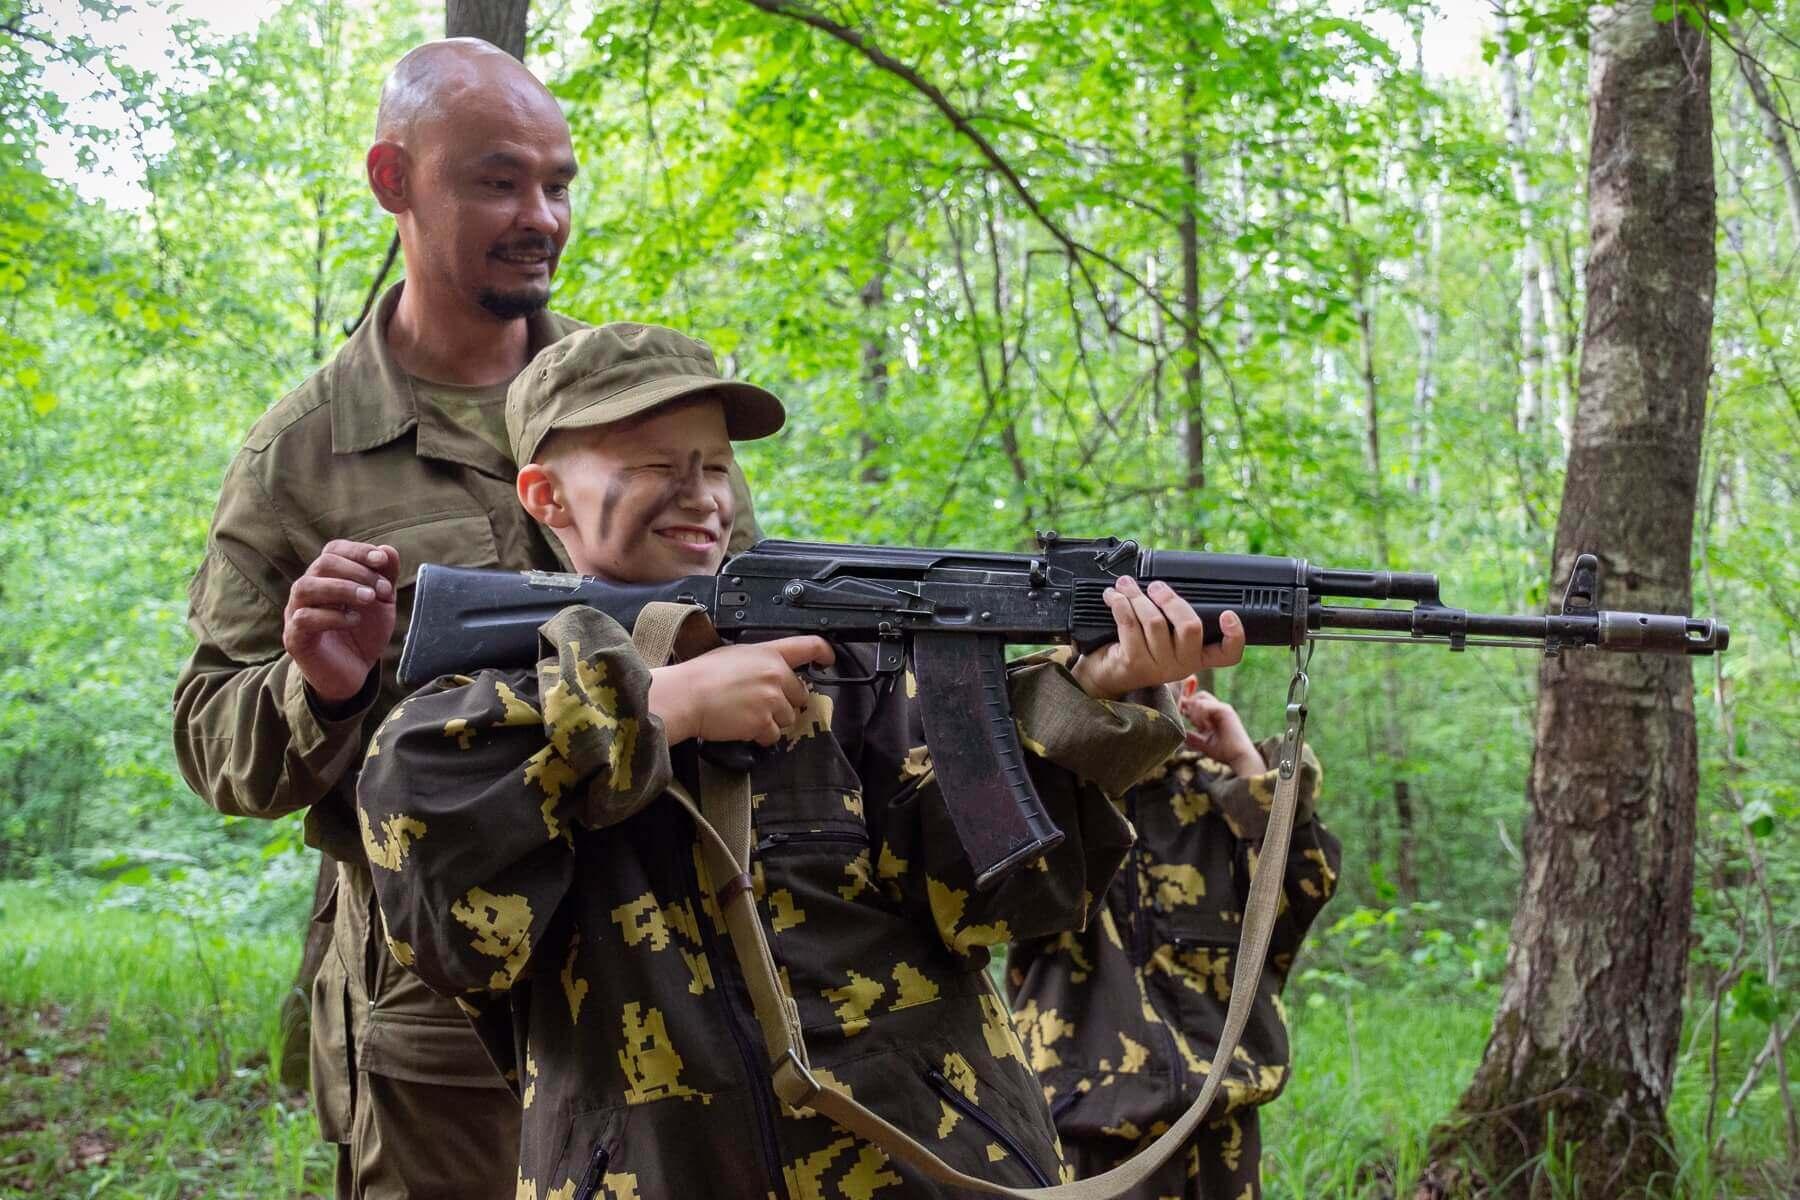 день рождения в стиле милитари, макет ак 47